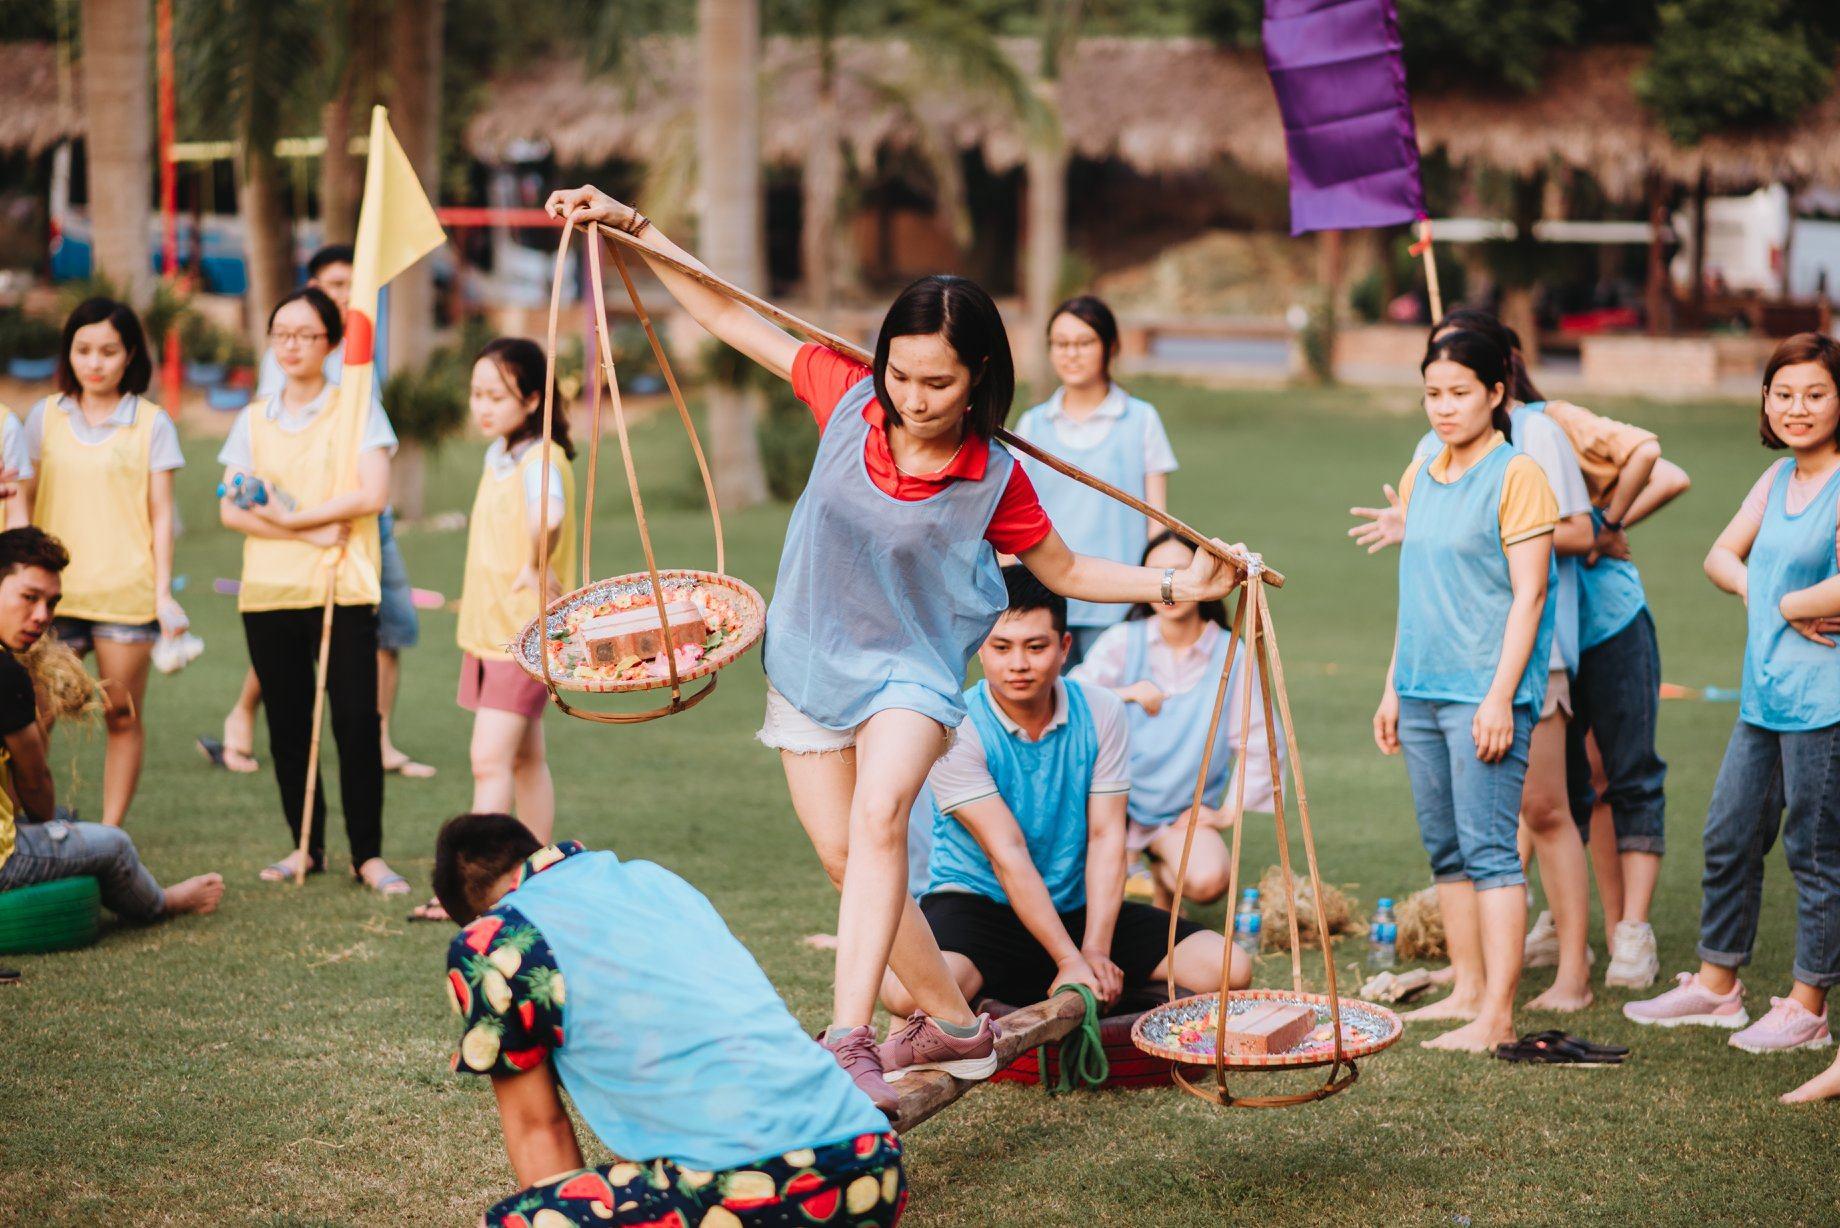 Thỏa sức vui chơi 20/10 với 5 địa điểm tổ chức team building cho phái nữ quanh Hà Nội - Ảnh 14.